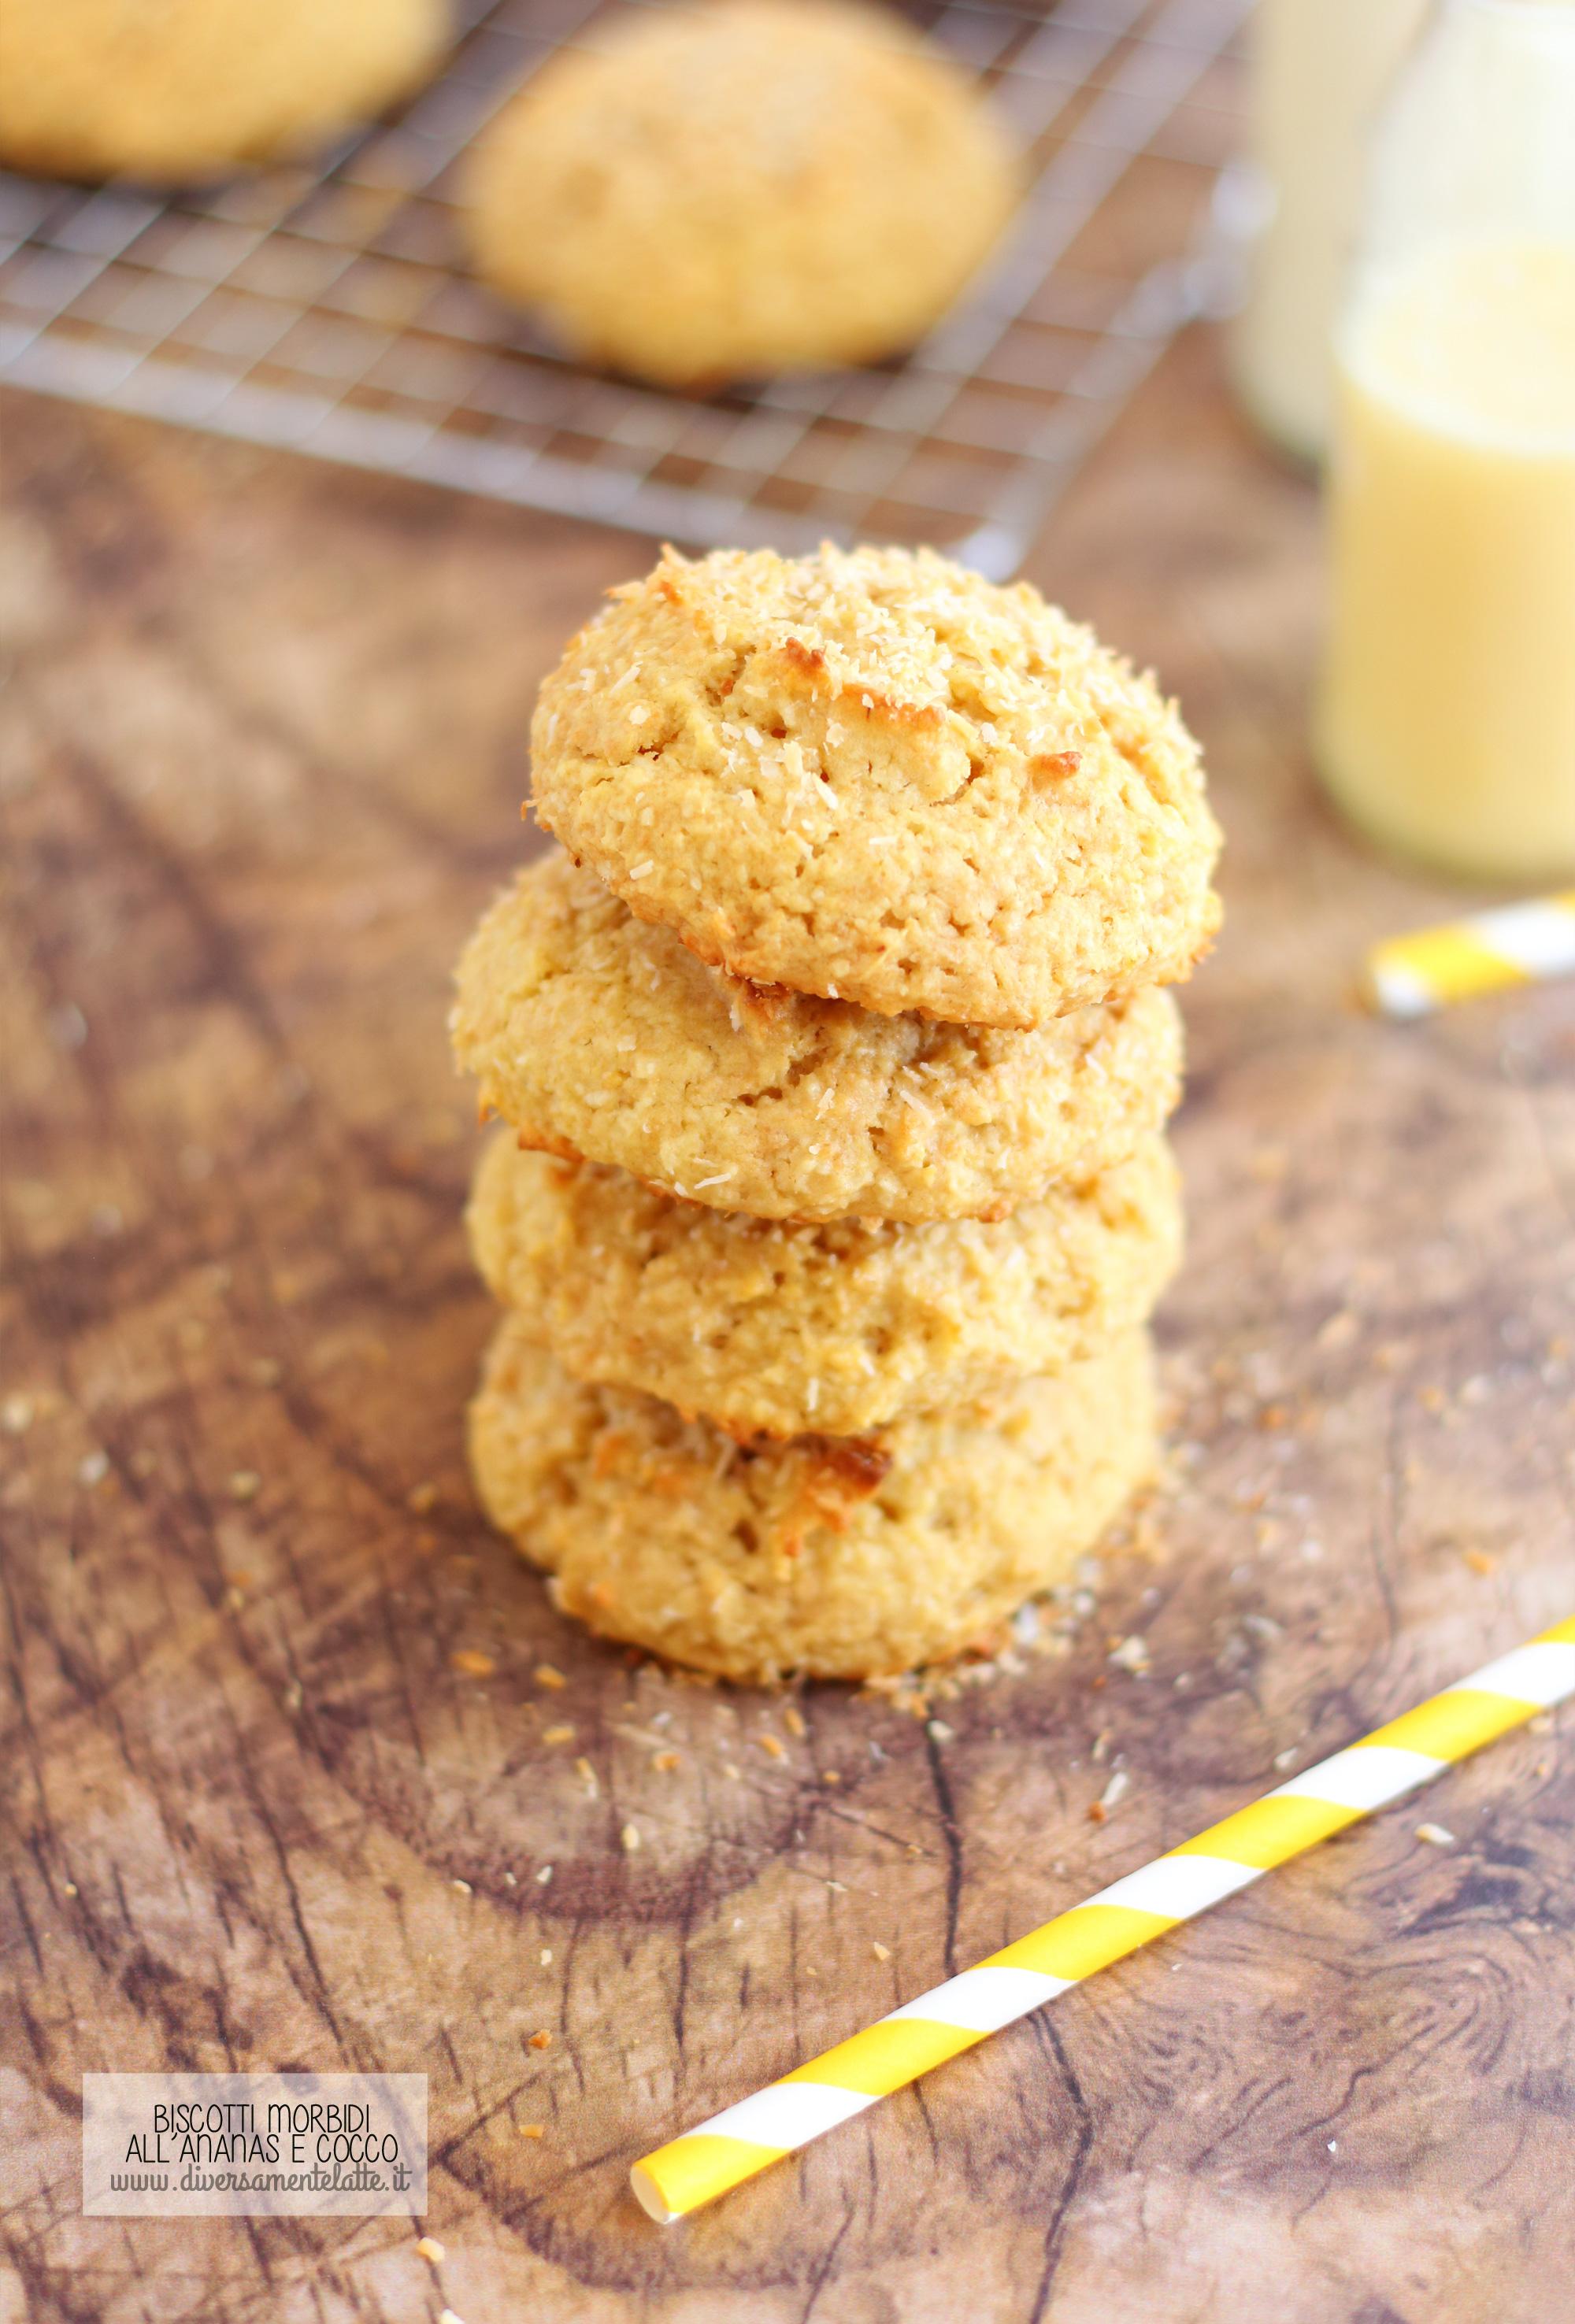 biscotti ananas e cocco senza lattosio